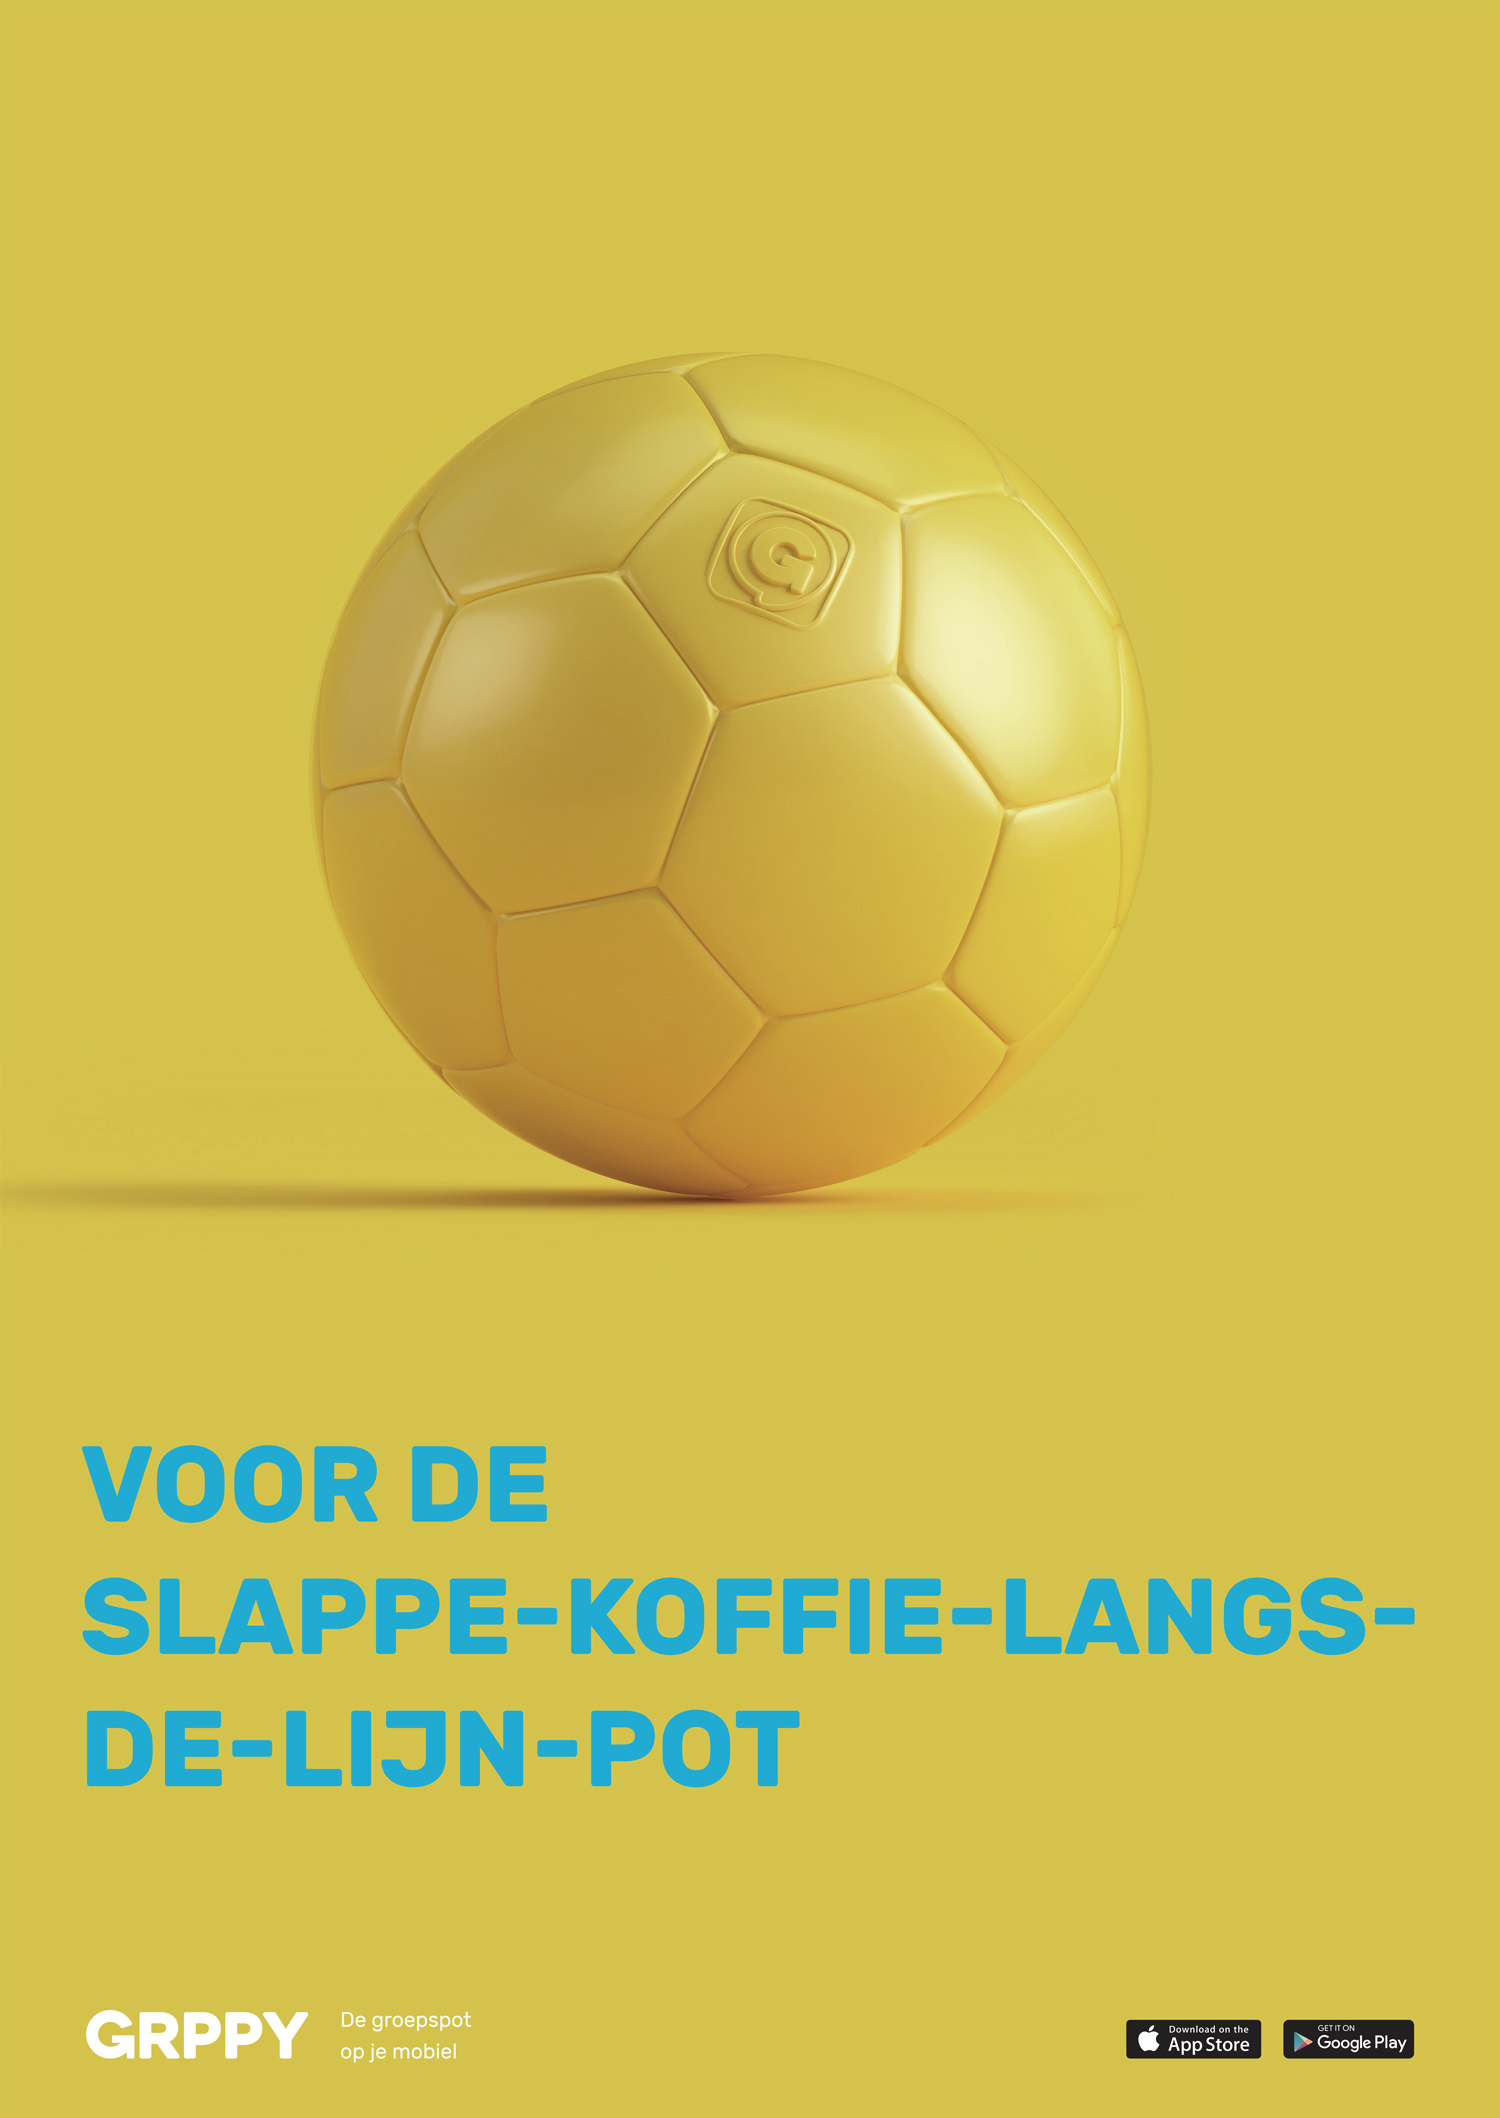 Voetbal_01